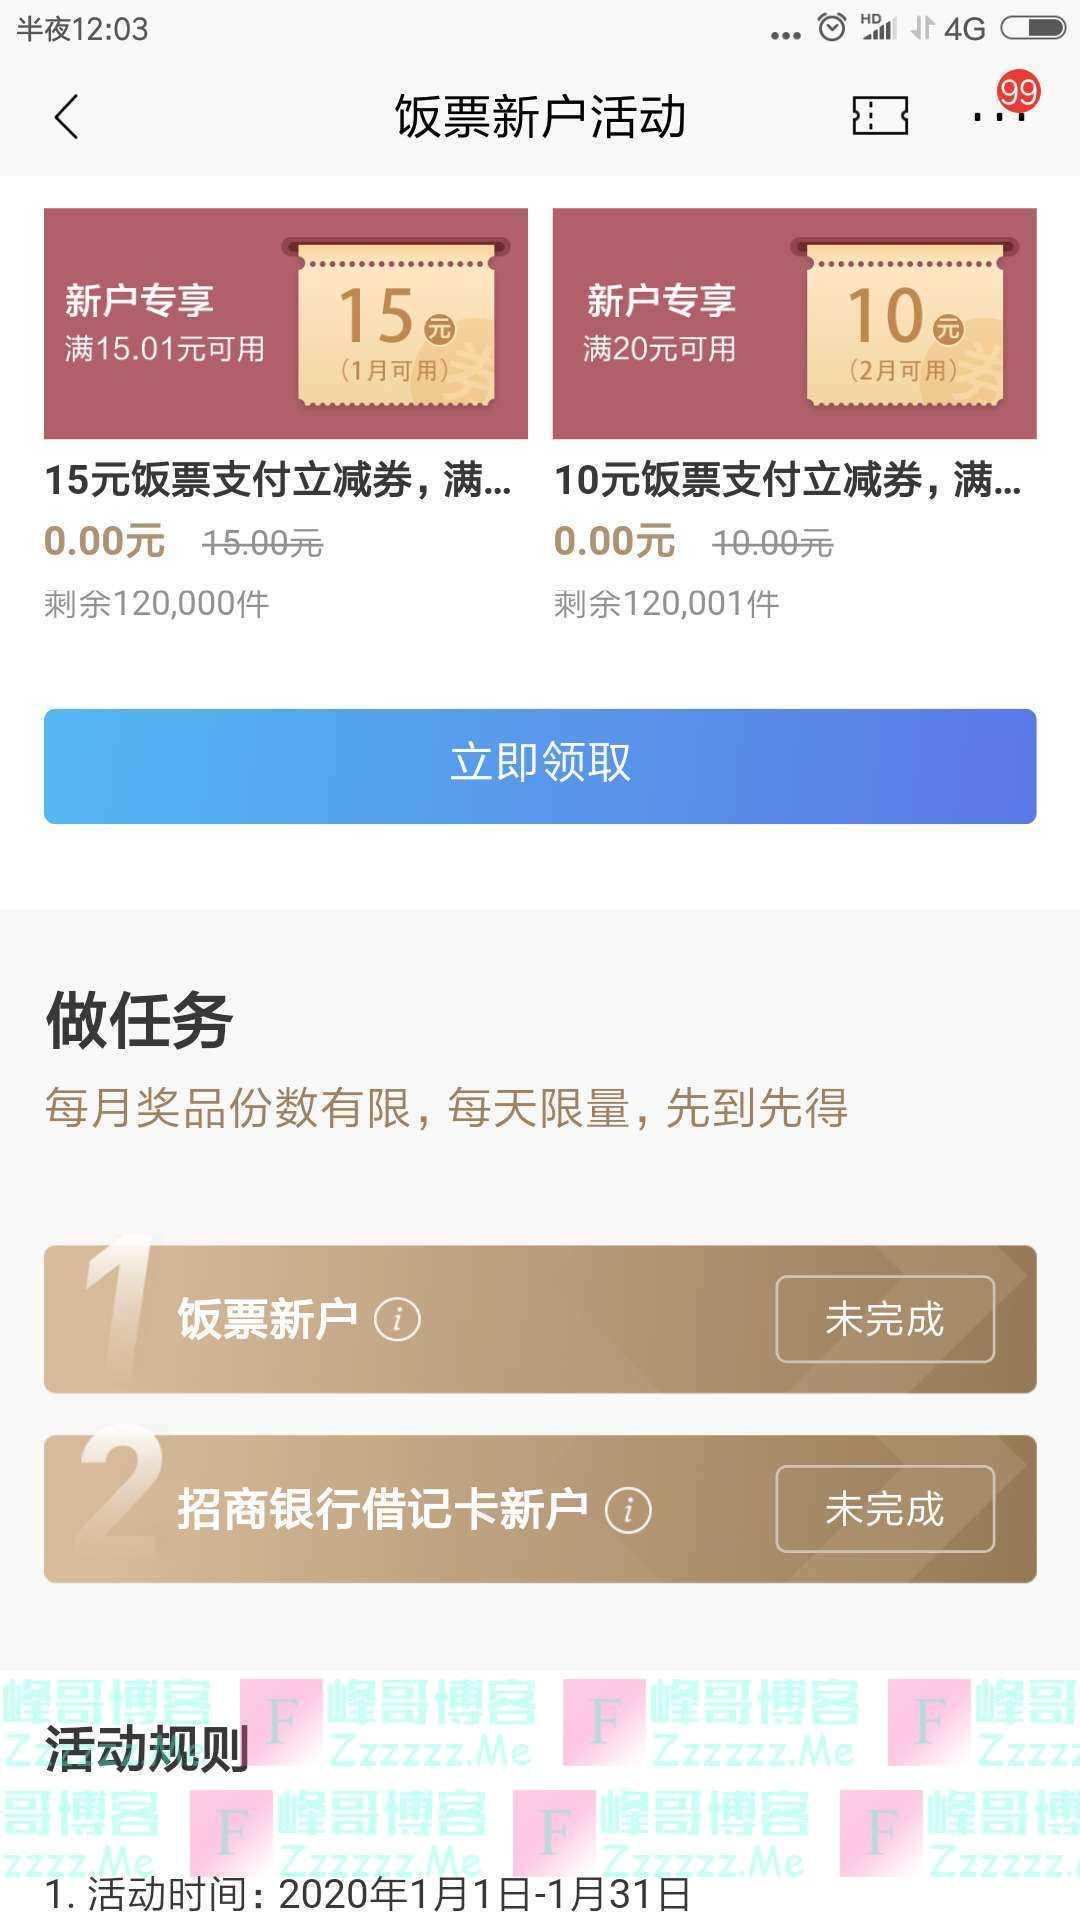 招行新户领25元饭票(截止1月31日)